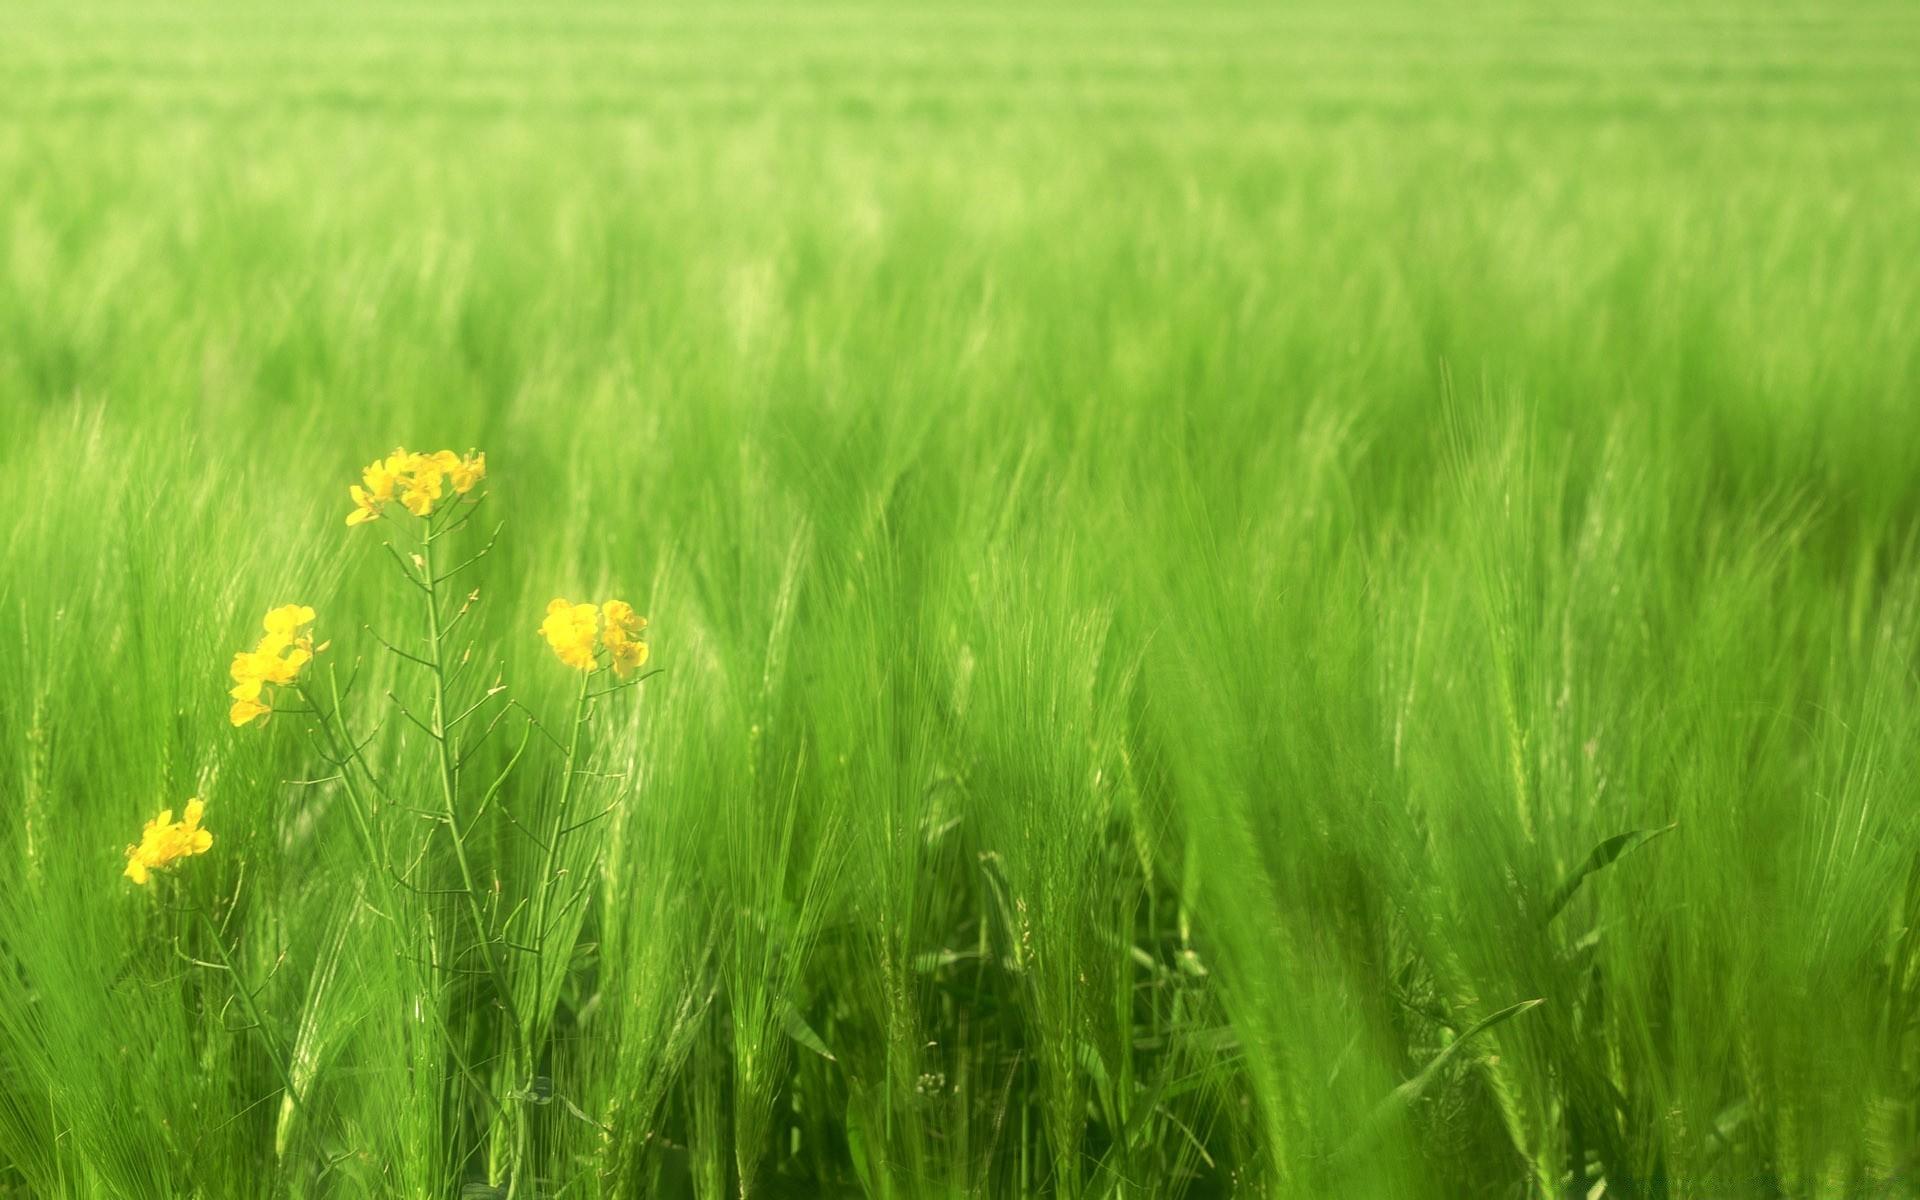 зеленые колосья цветы поляна  № 3213850 загрузить